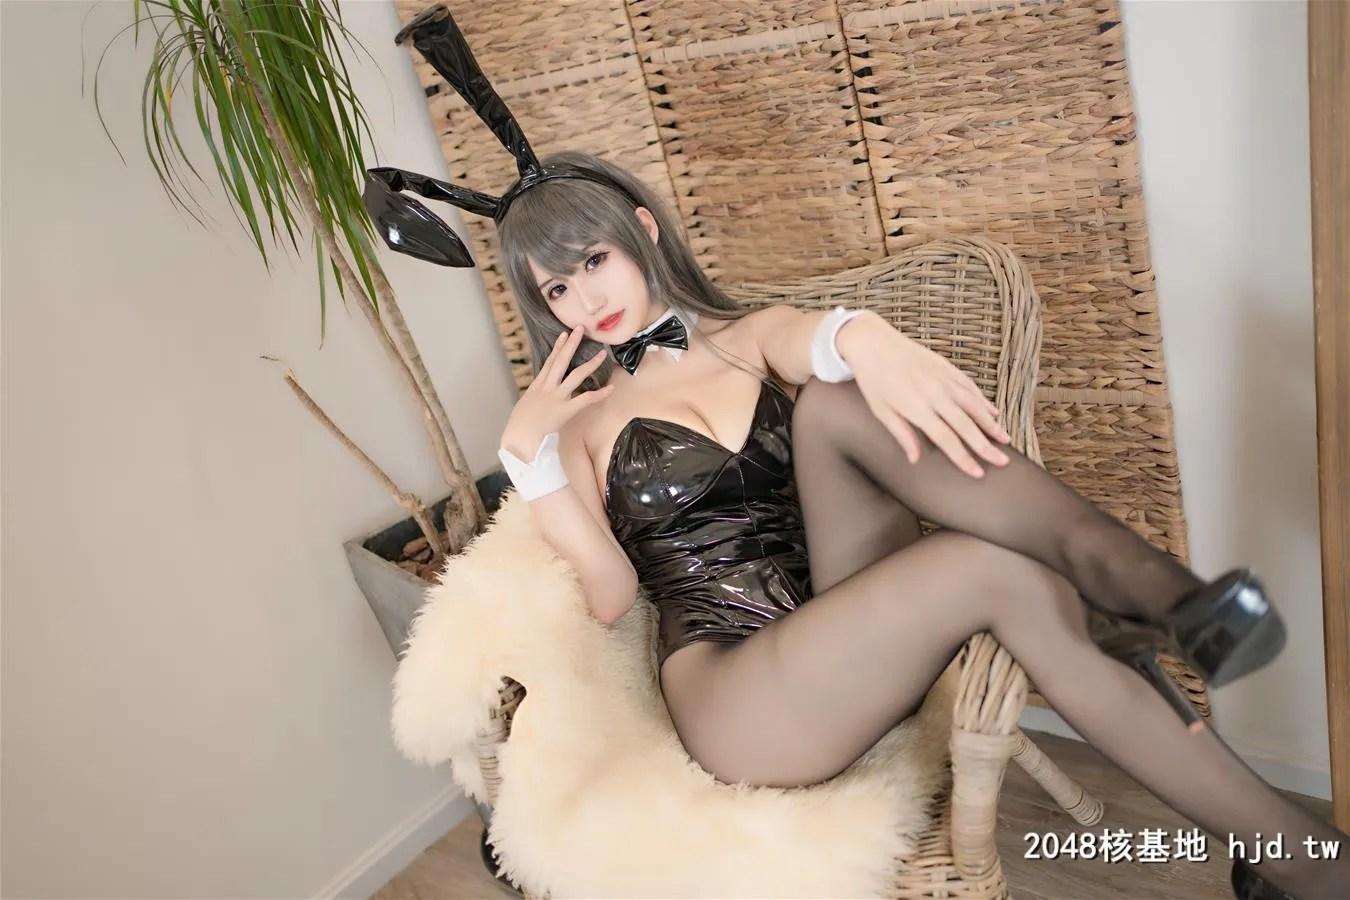 【小仓千代w】 麻衣兔女郎 [24P]插图(3)